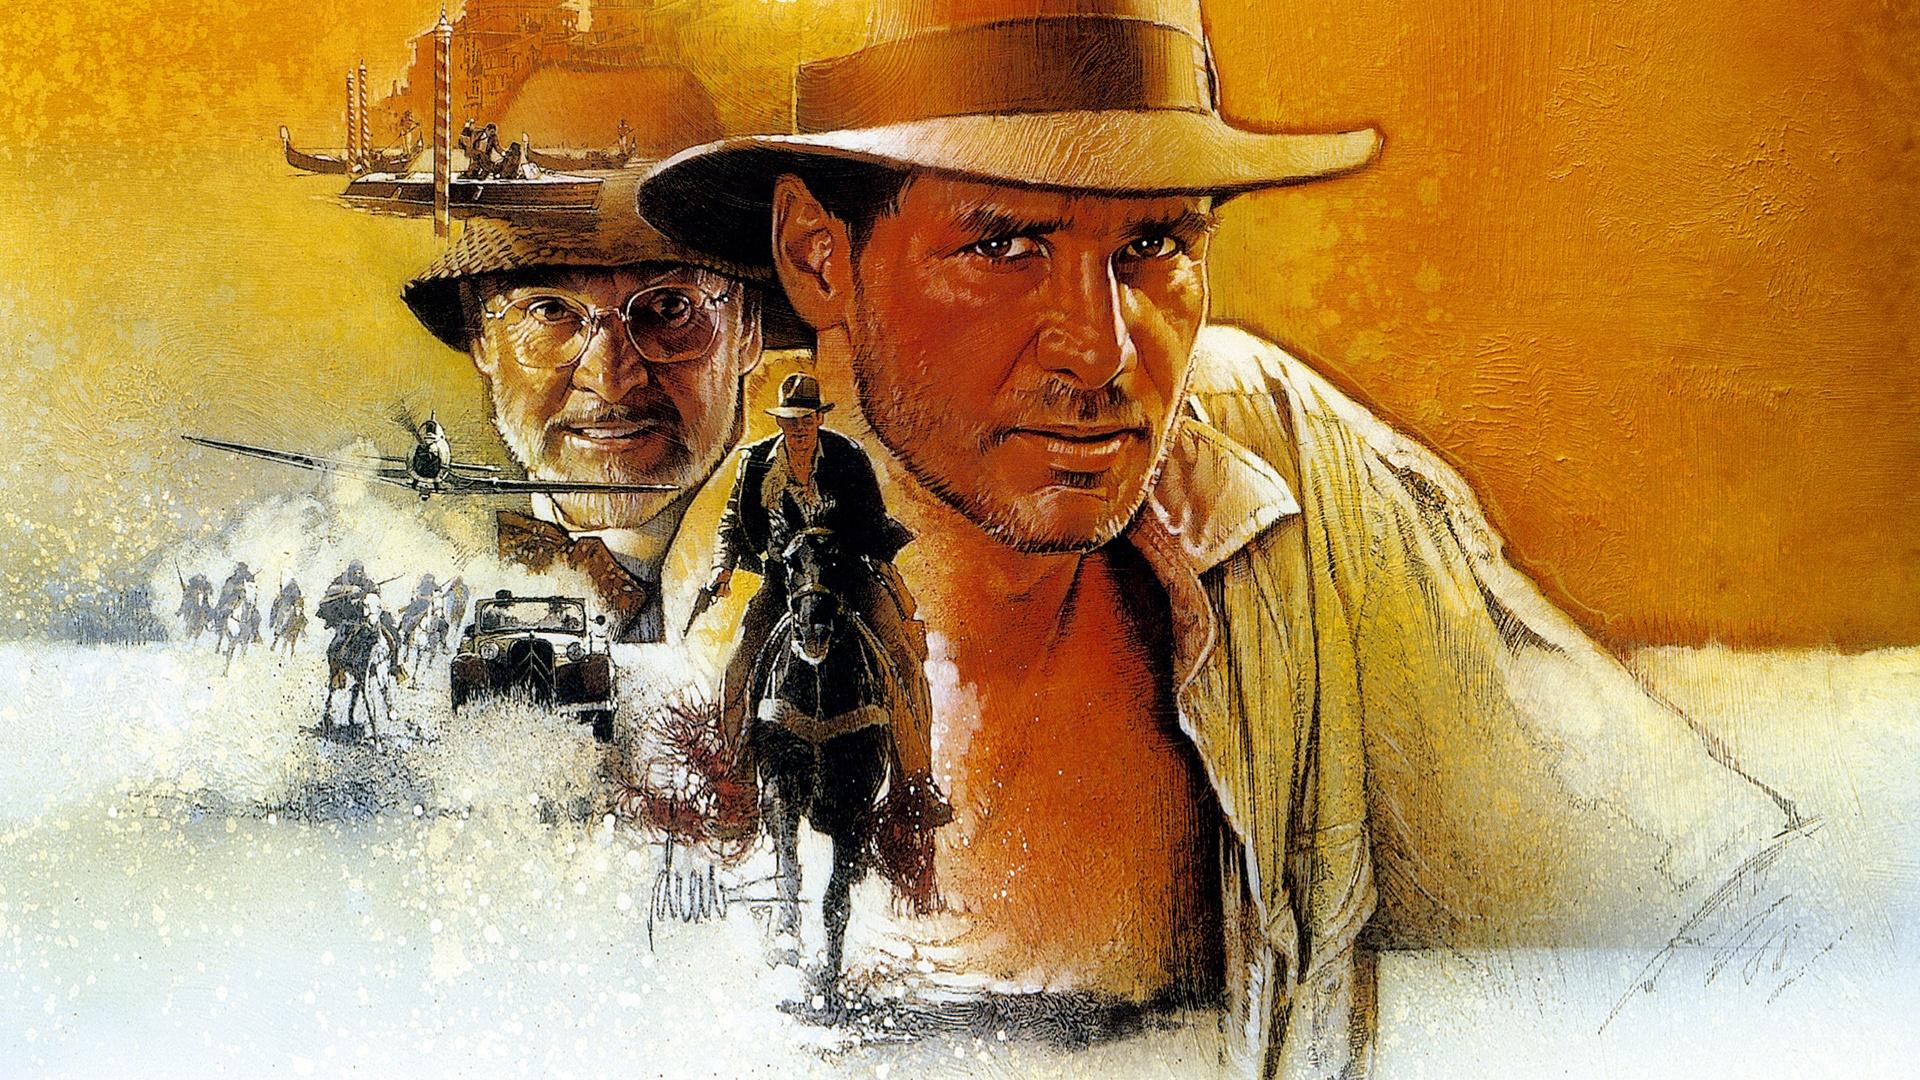 Indiana Jones iPhone Wallpaper - WallpaperSafari